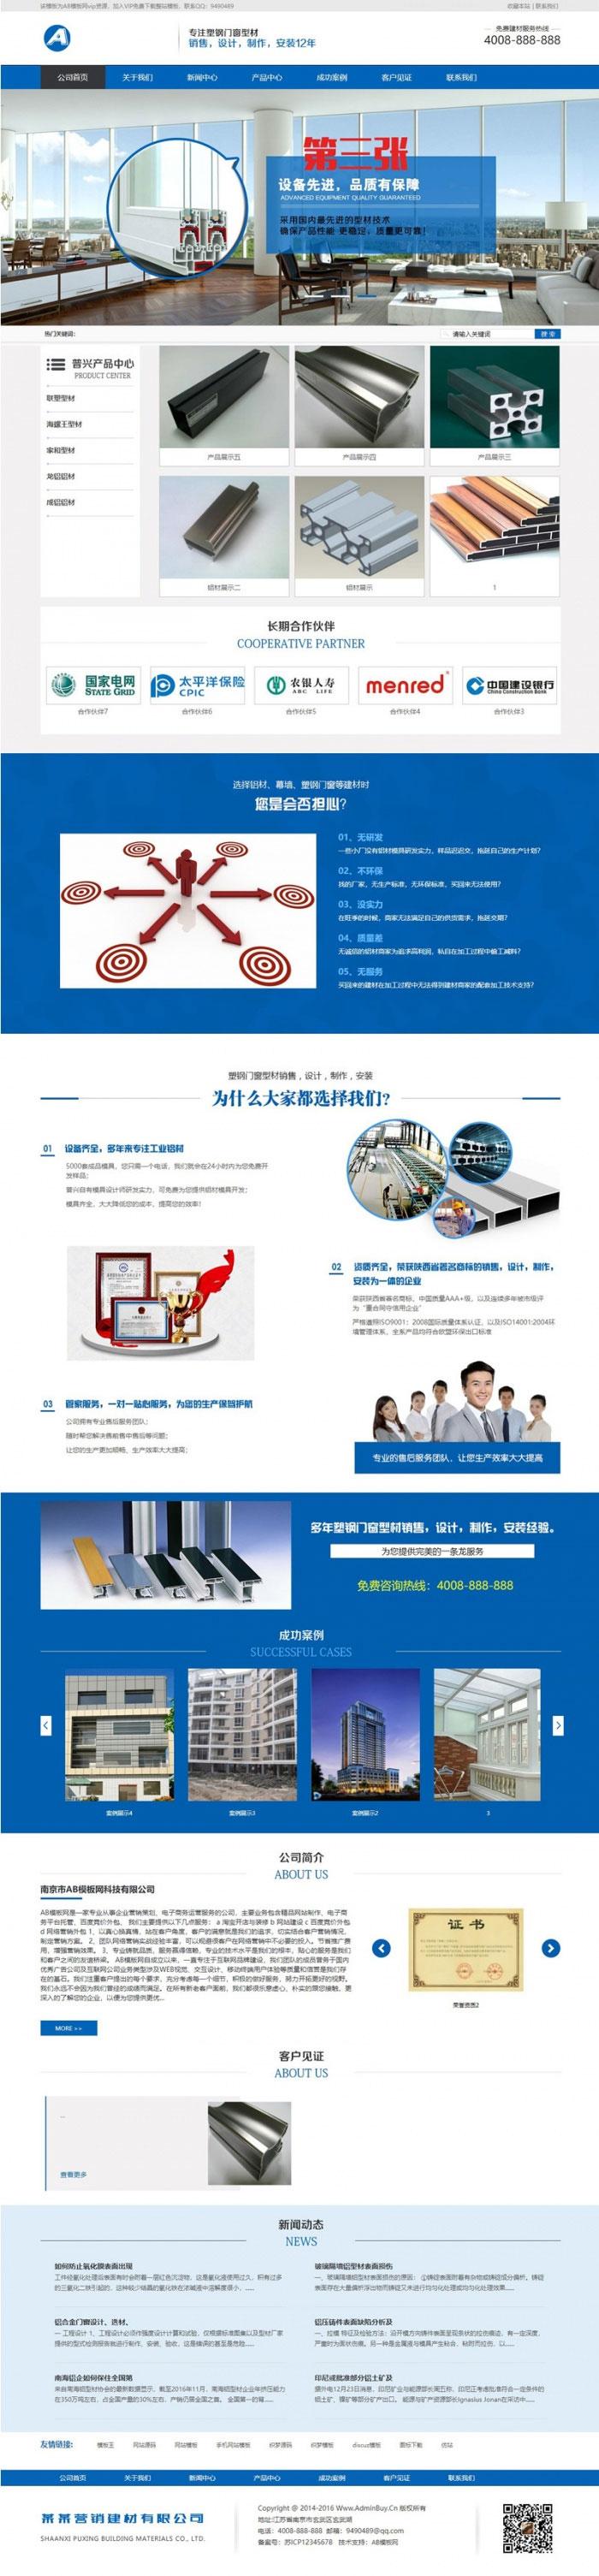 爱上源码网文章织梦dedecms蓝色铝业建材公司网站模板(带手机移动端)的内容插图